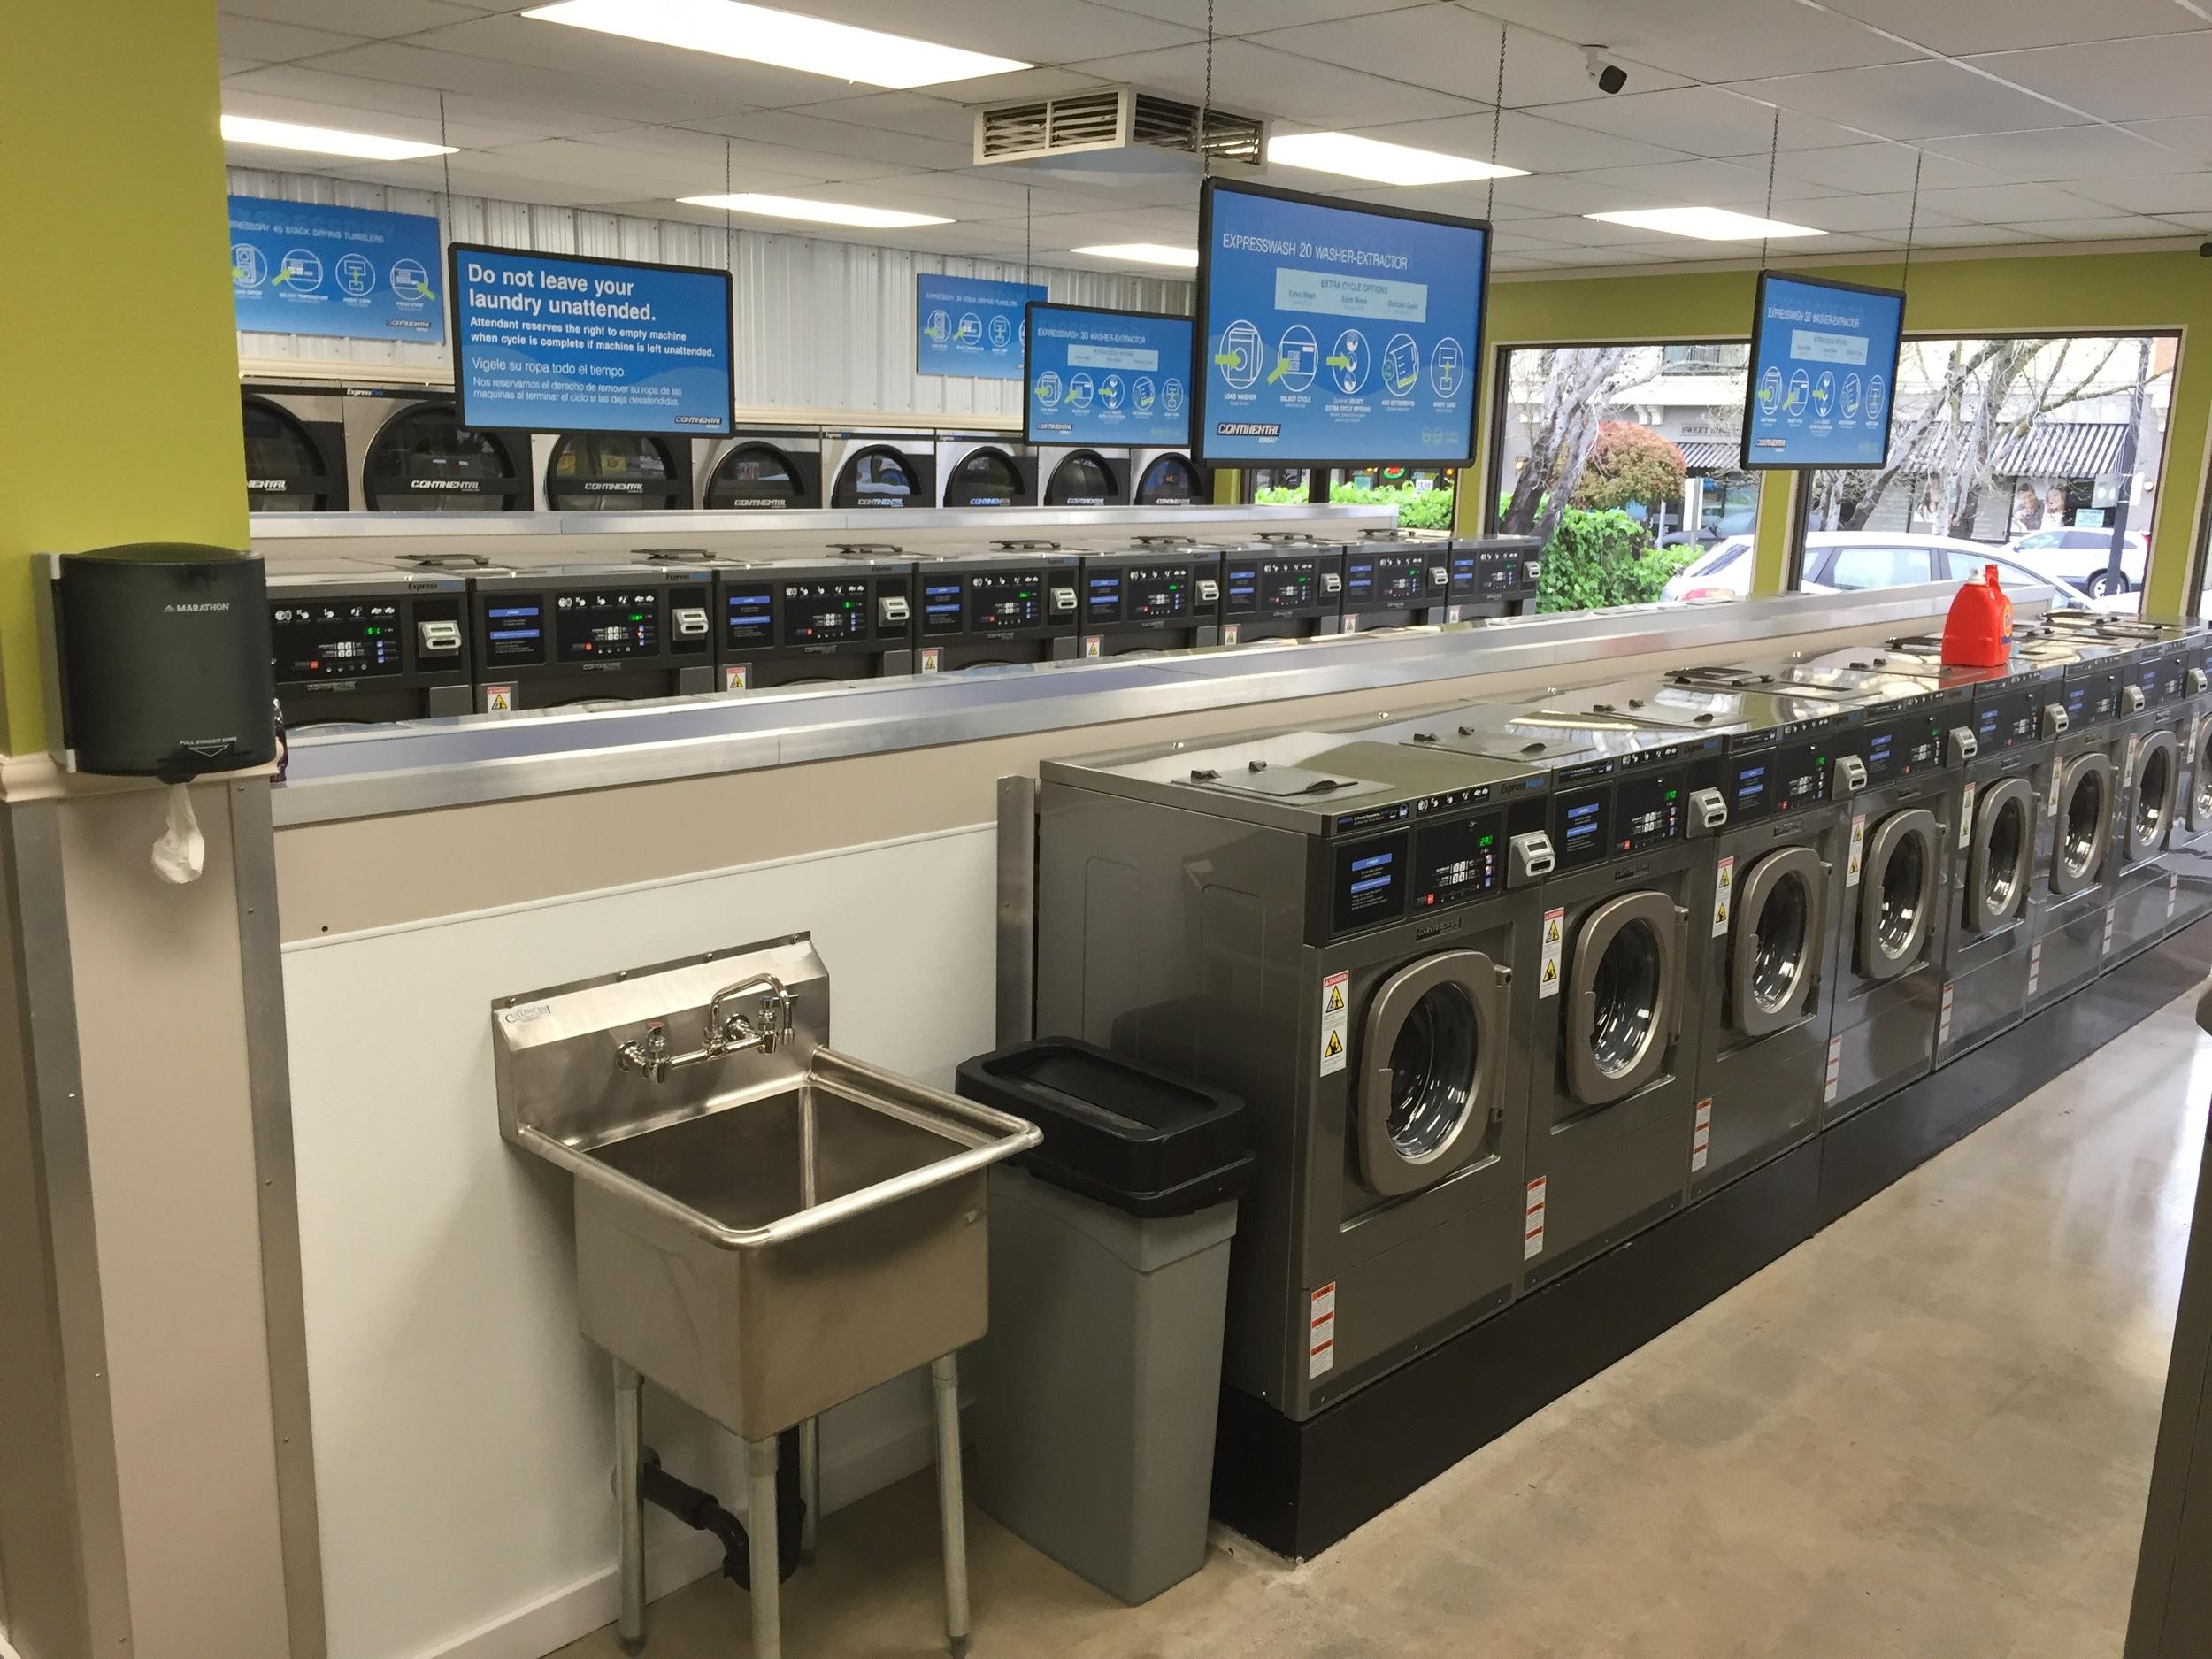 iWash Laundry Express — iWash Laundromats